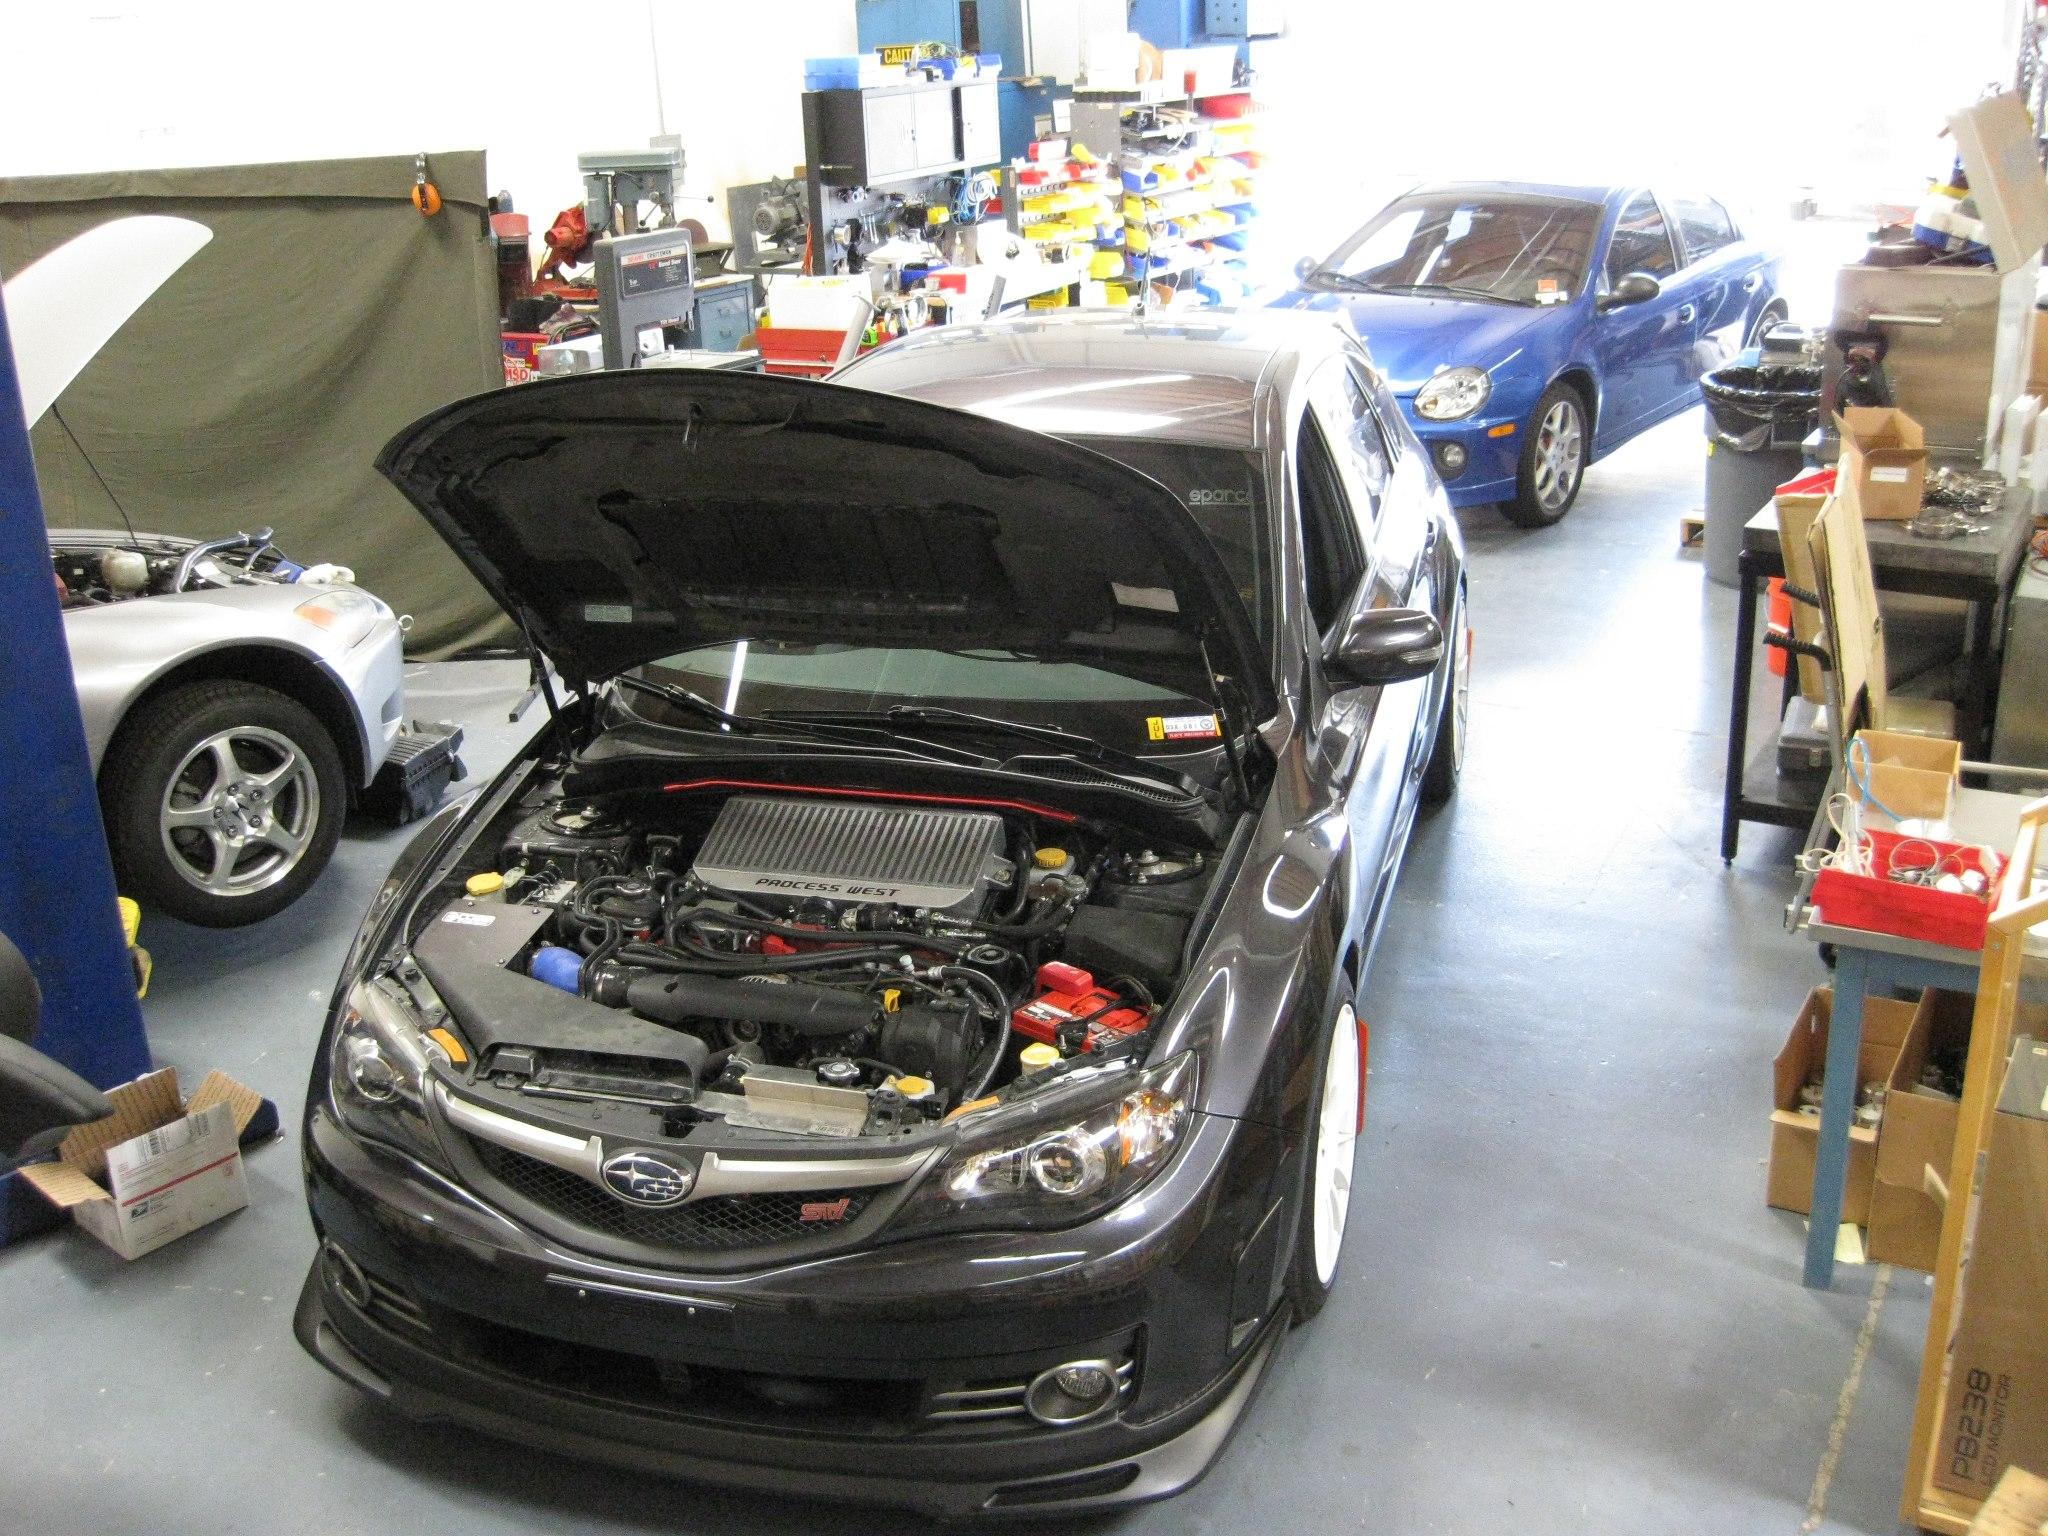 Don's 08 STI. STI Hatchback/Wagon or bust!-902456_10151537573578418_913322422_o-jpg